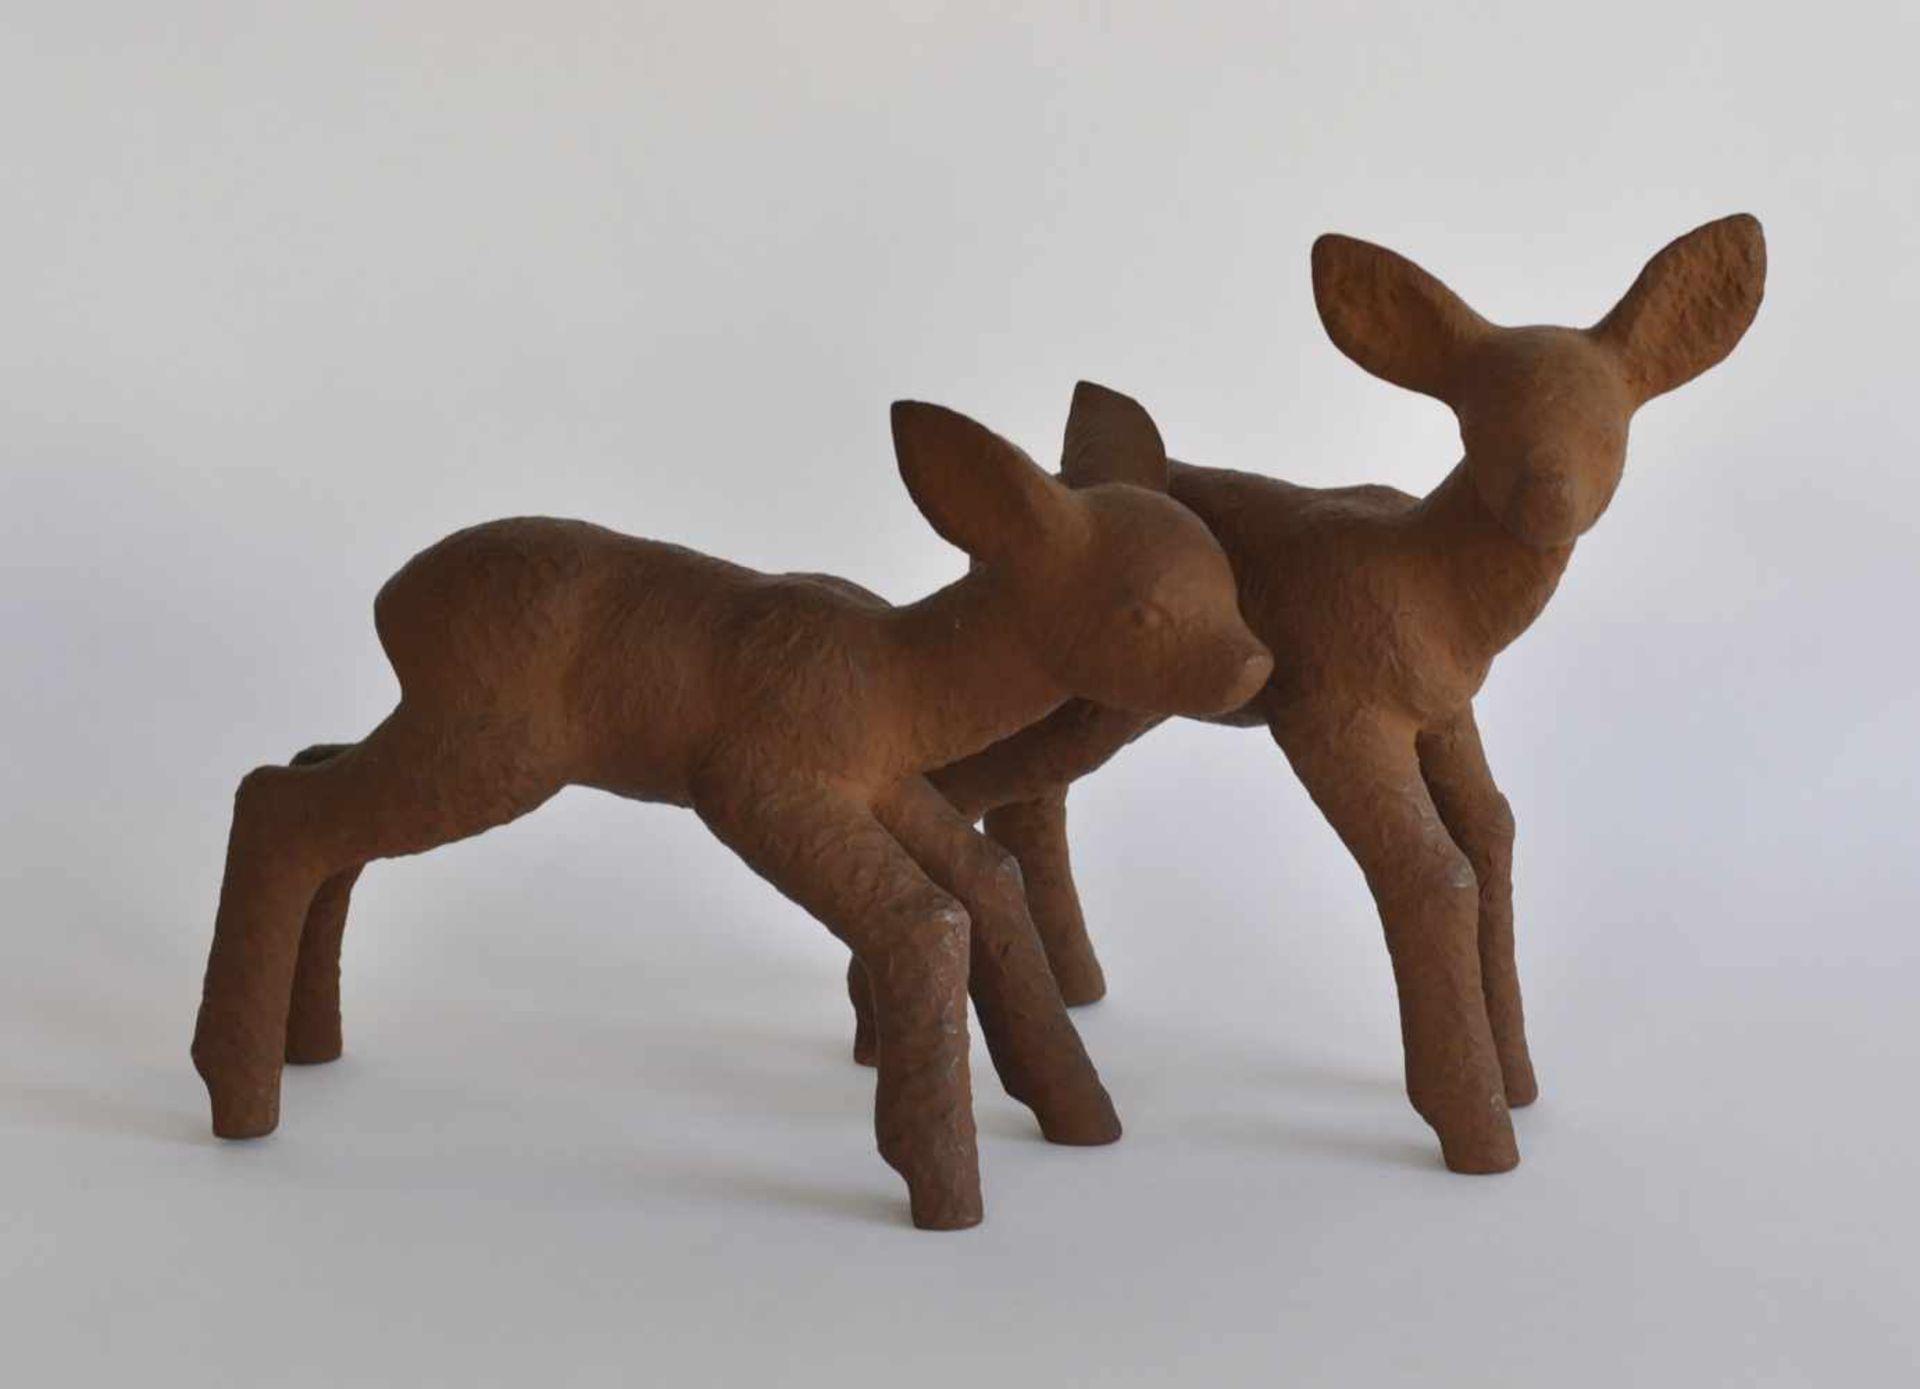 PAAR SKULPTUREN, Deutsch, 1930er-50er-Jahre, Künstlerkeramik, Terracotta, 2 Rehkitze, Preßmarke,